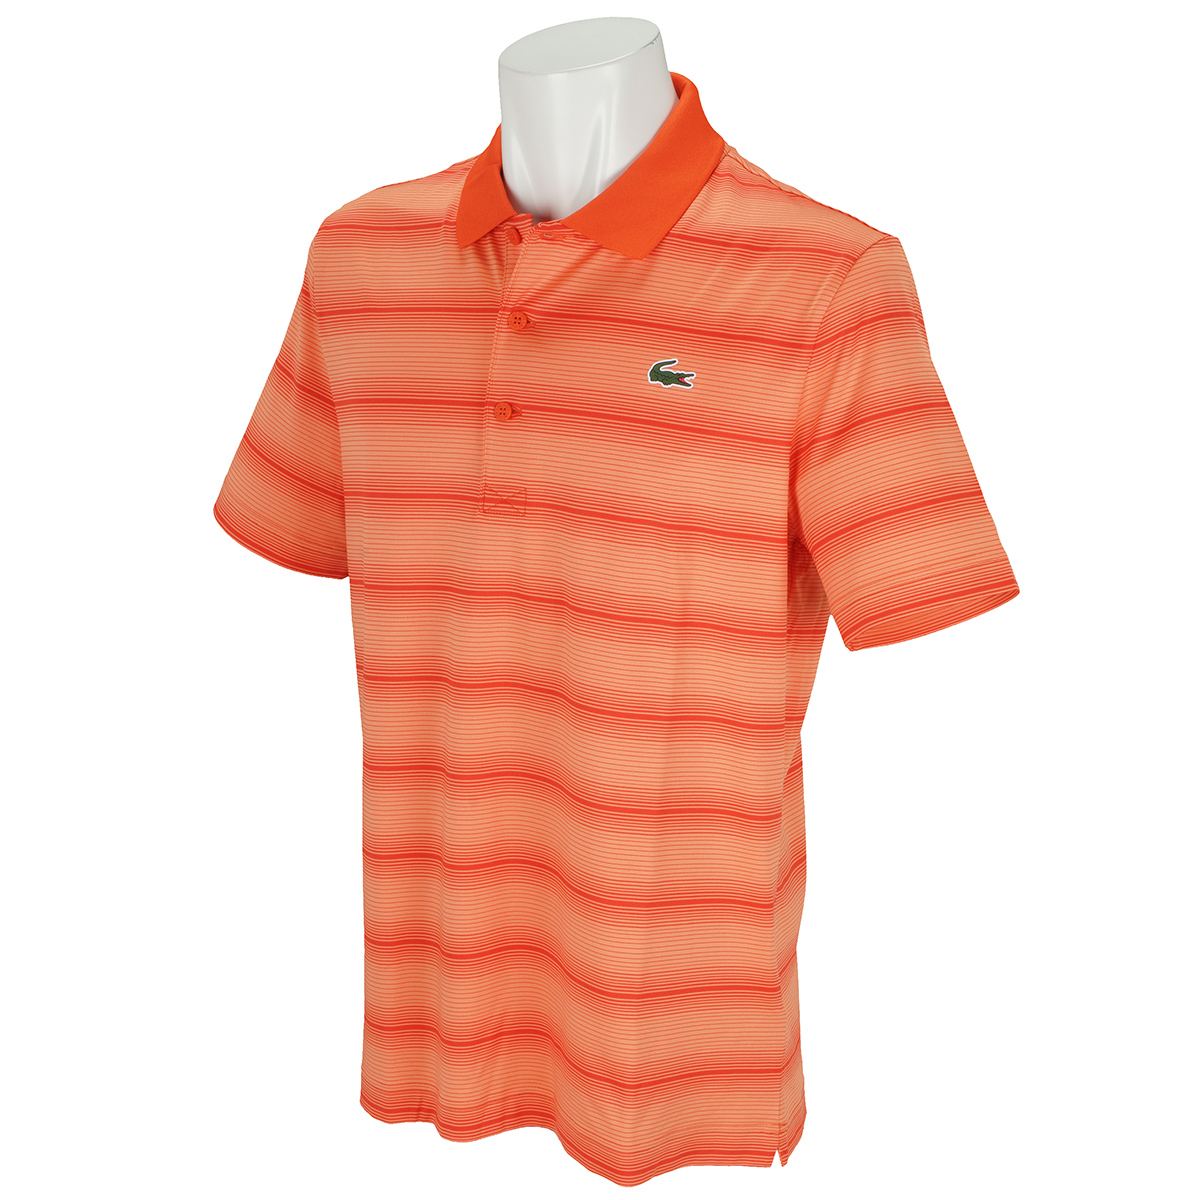 ウルトラドライ仕様 ストライプゴルフ半袖ポロシャツ